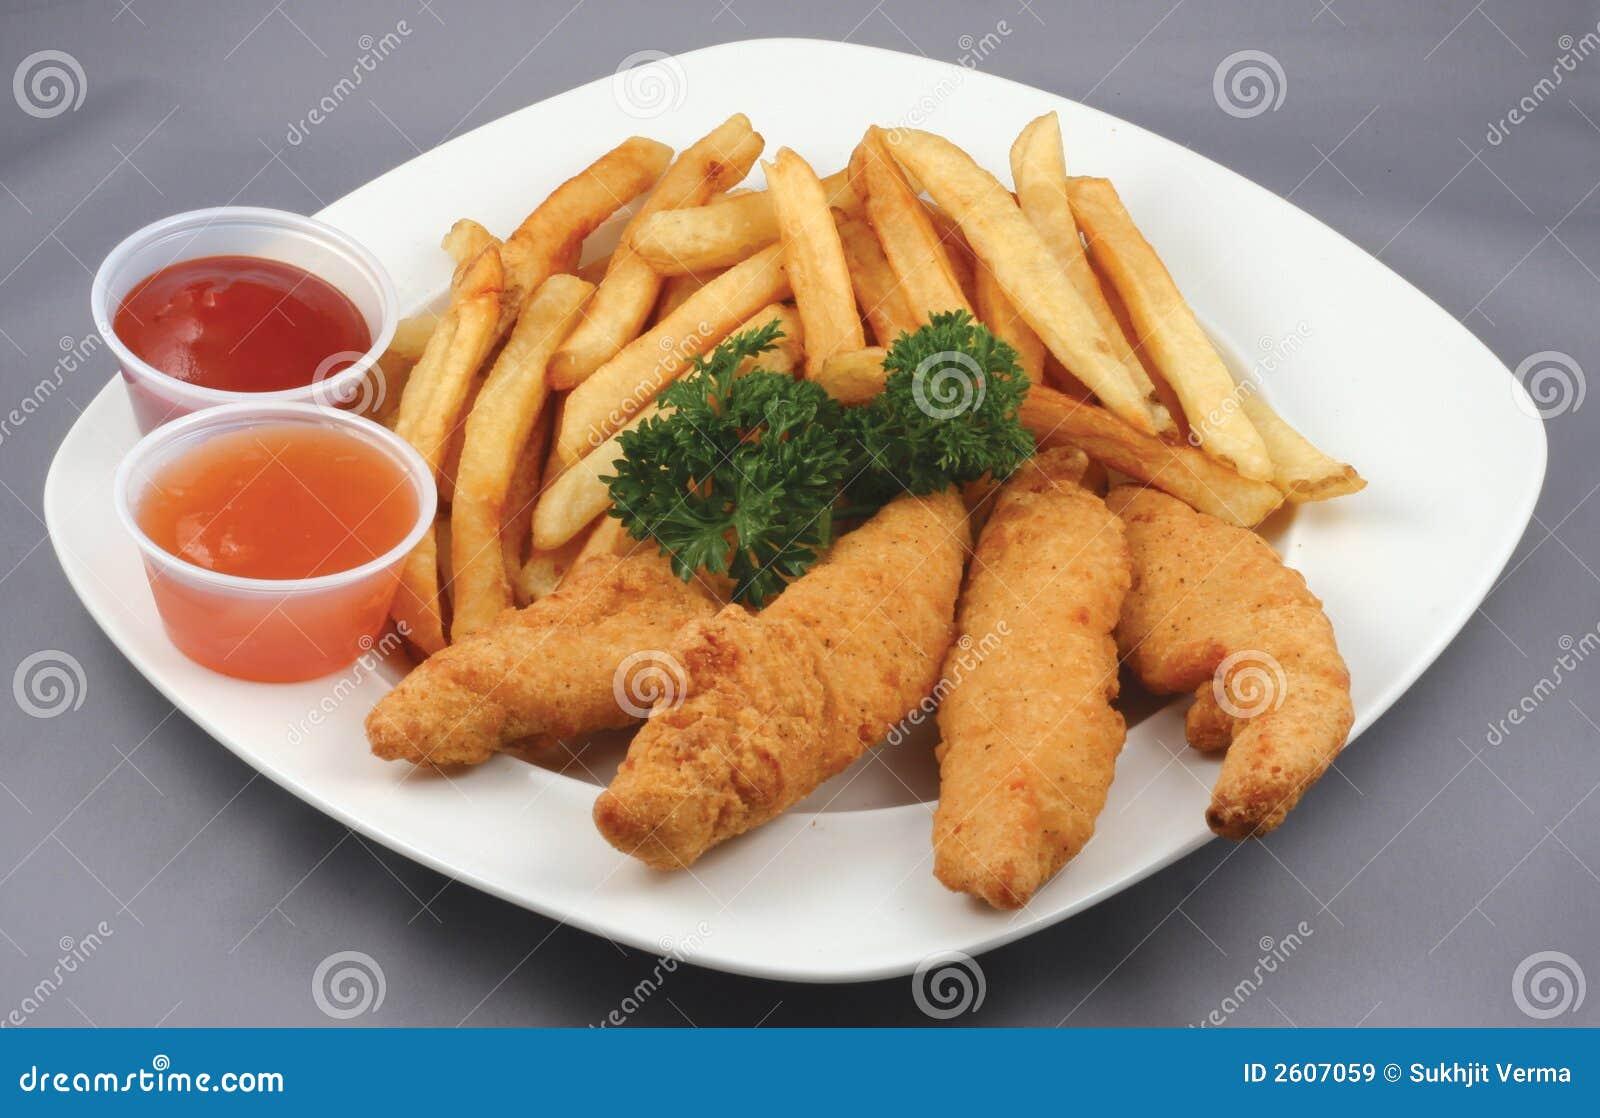 Strisce e fritture del pollo combinate